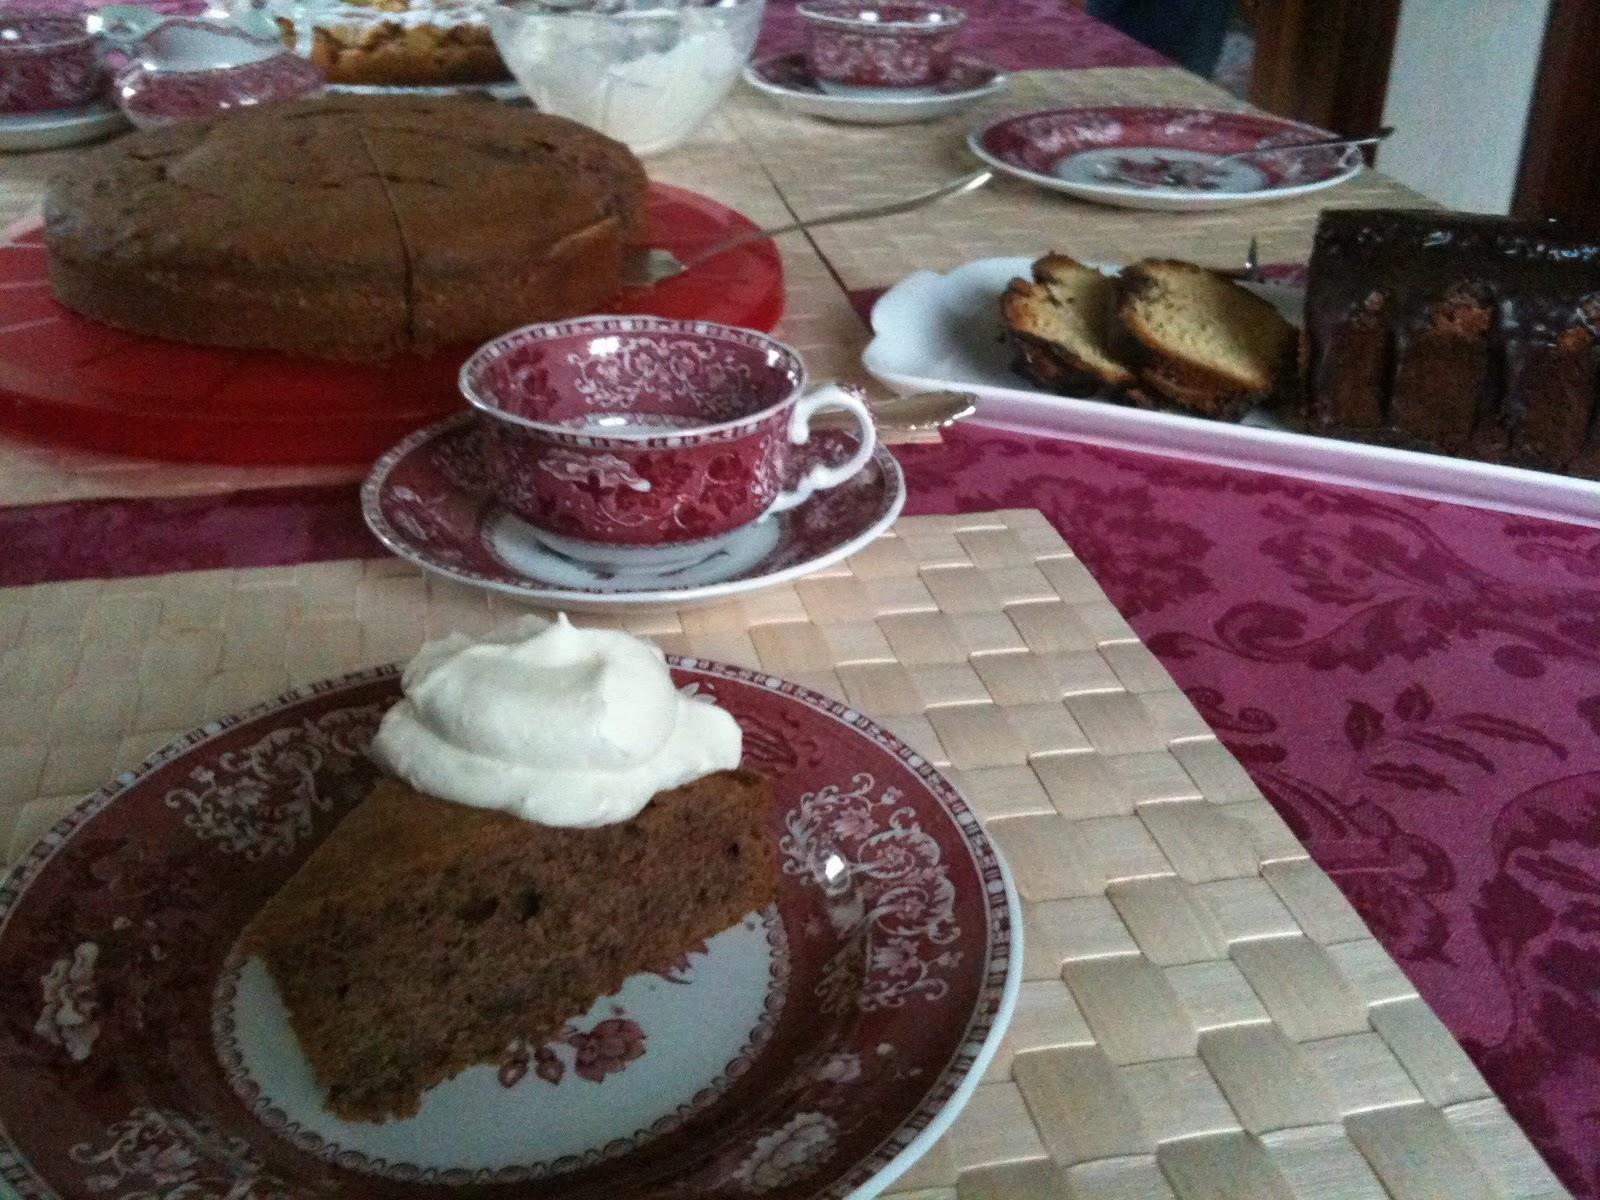 kaffee und kuchen mit oma appetitlich foto blog f r sie. Black Bedroom Furniture Sets. Home Design Ideas